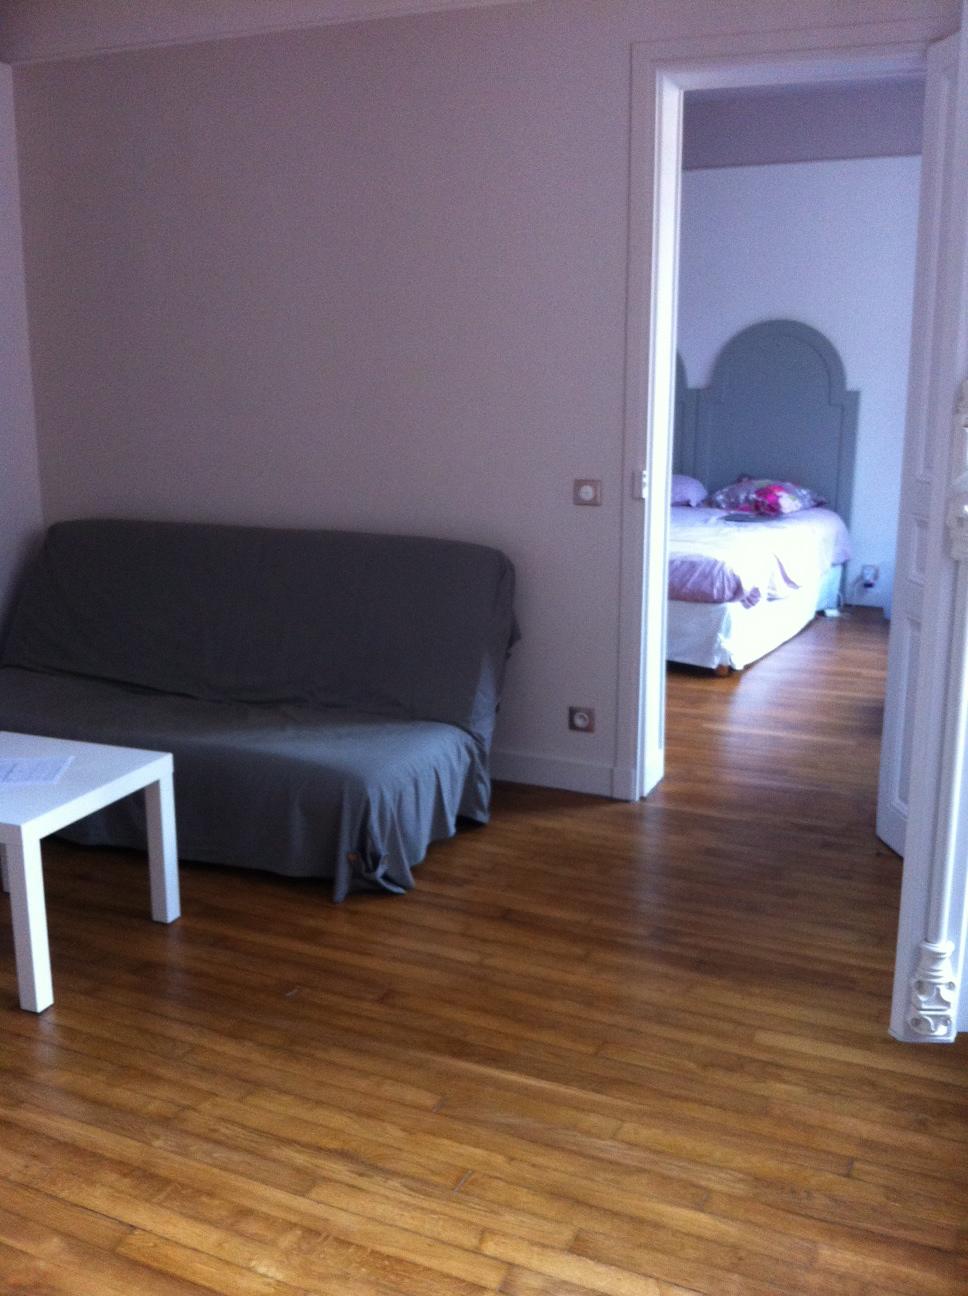 Au Pair in France: My Room